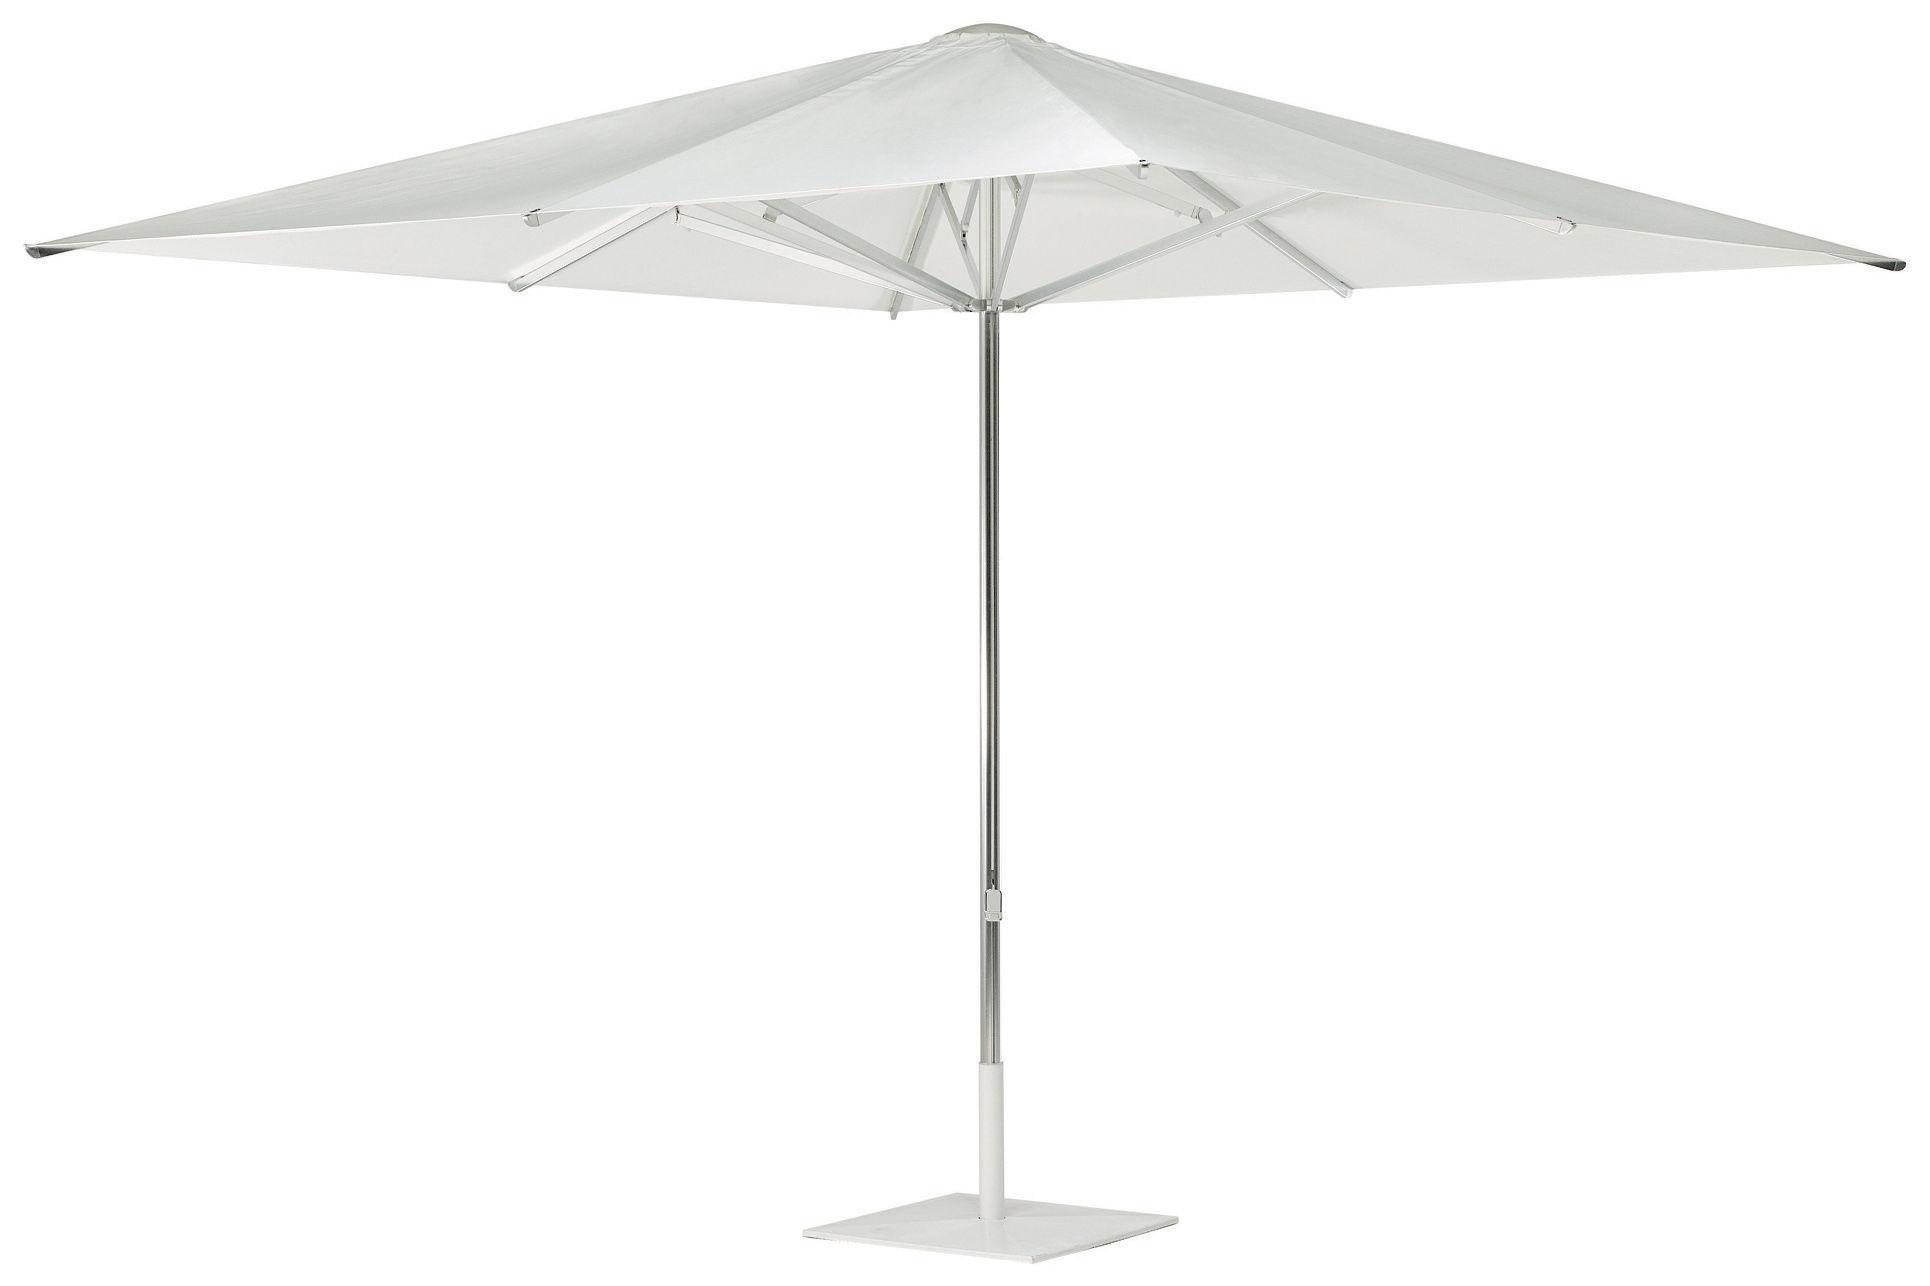 Outdoor - Sonnenschirme - Shade Sonnenschirm 300 x 300 cm - Fuß mittig - Emu - Sonnenschirm weiß - Metall, Polyacryl-Gewebe